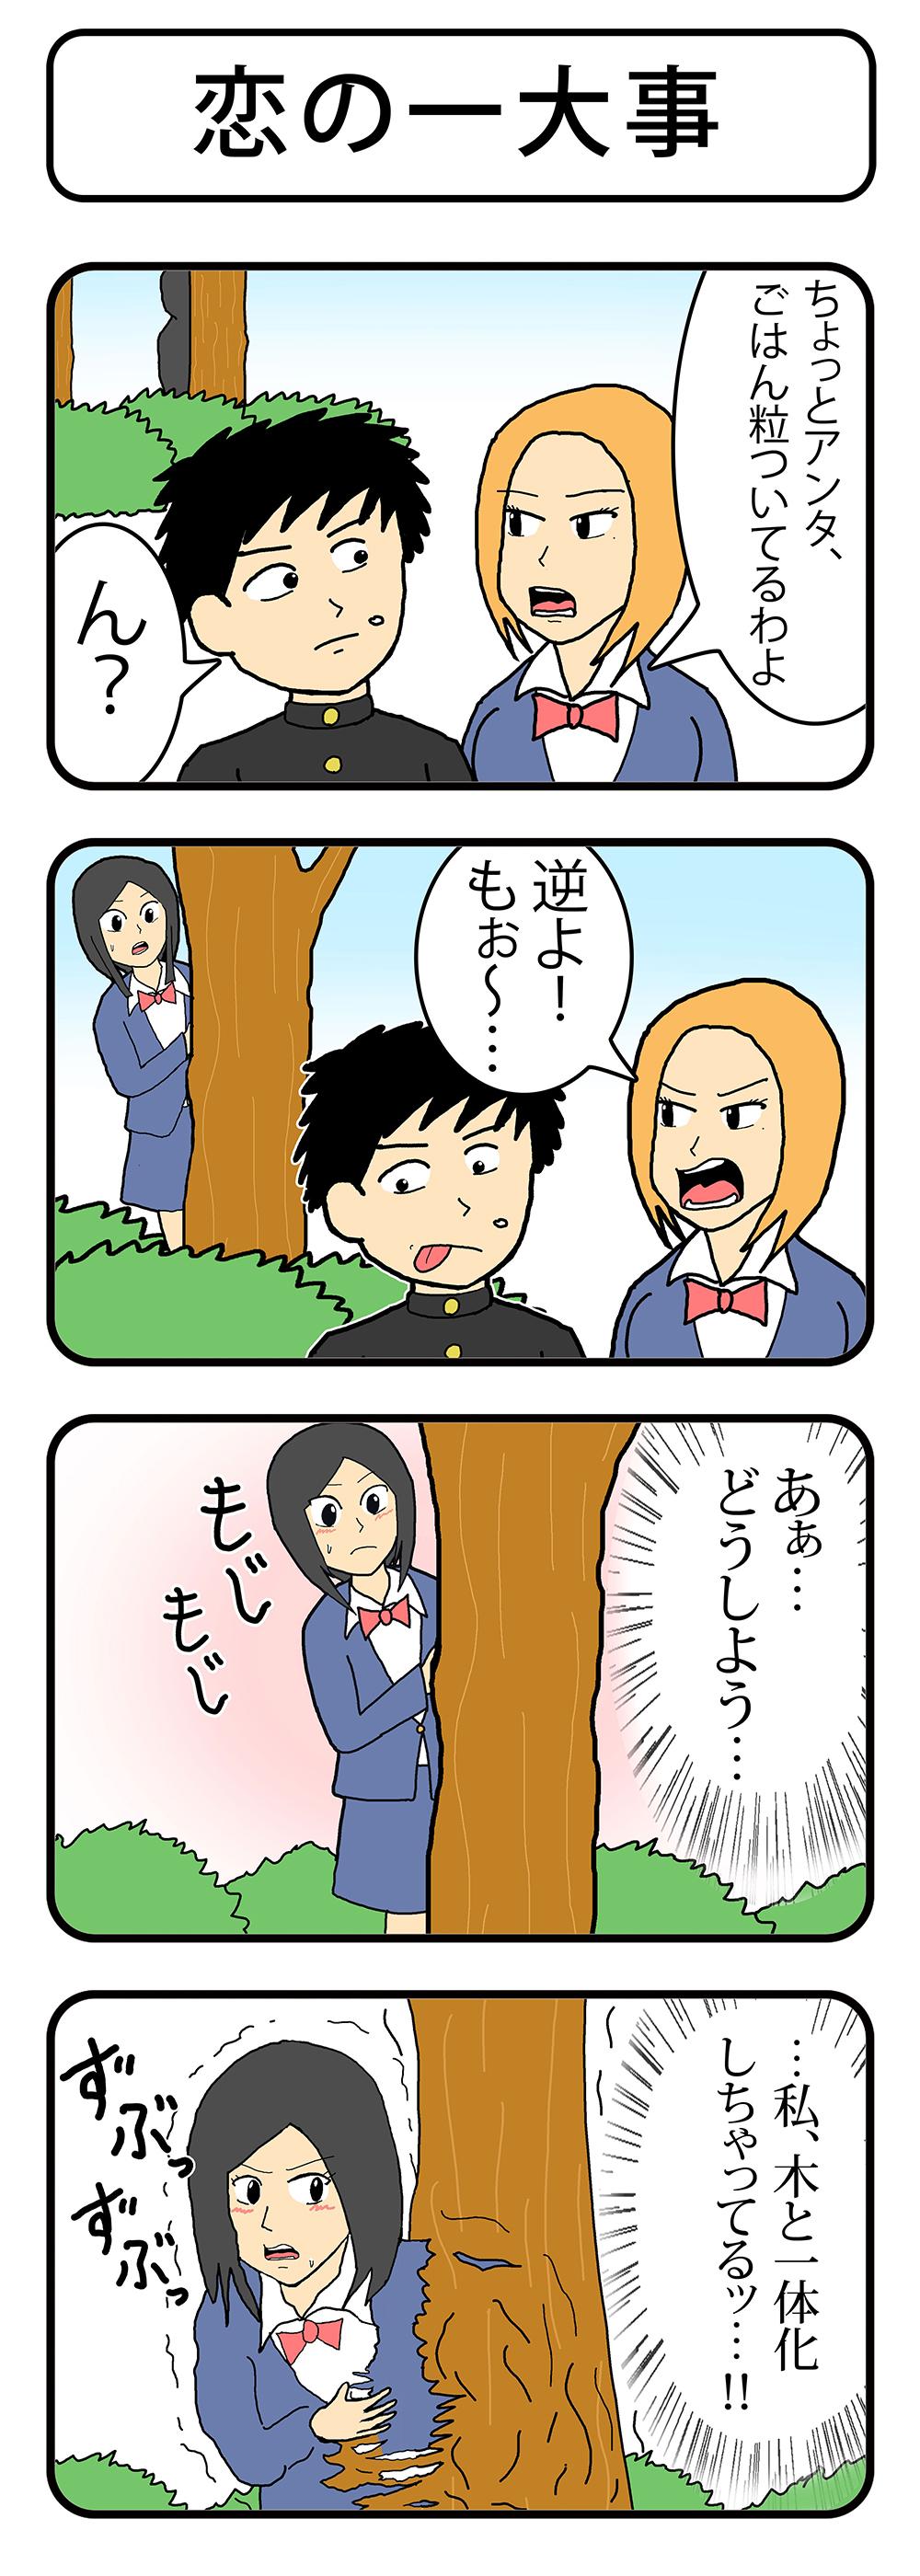 恋の一大事最終稿その②